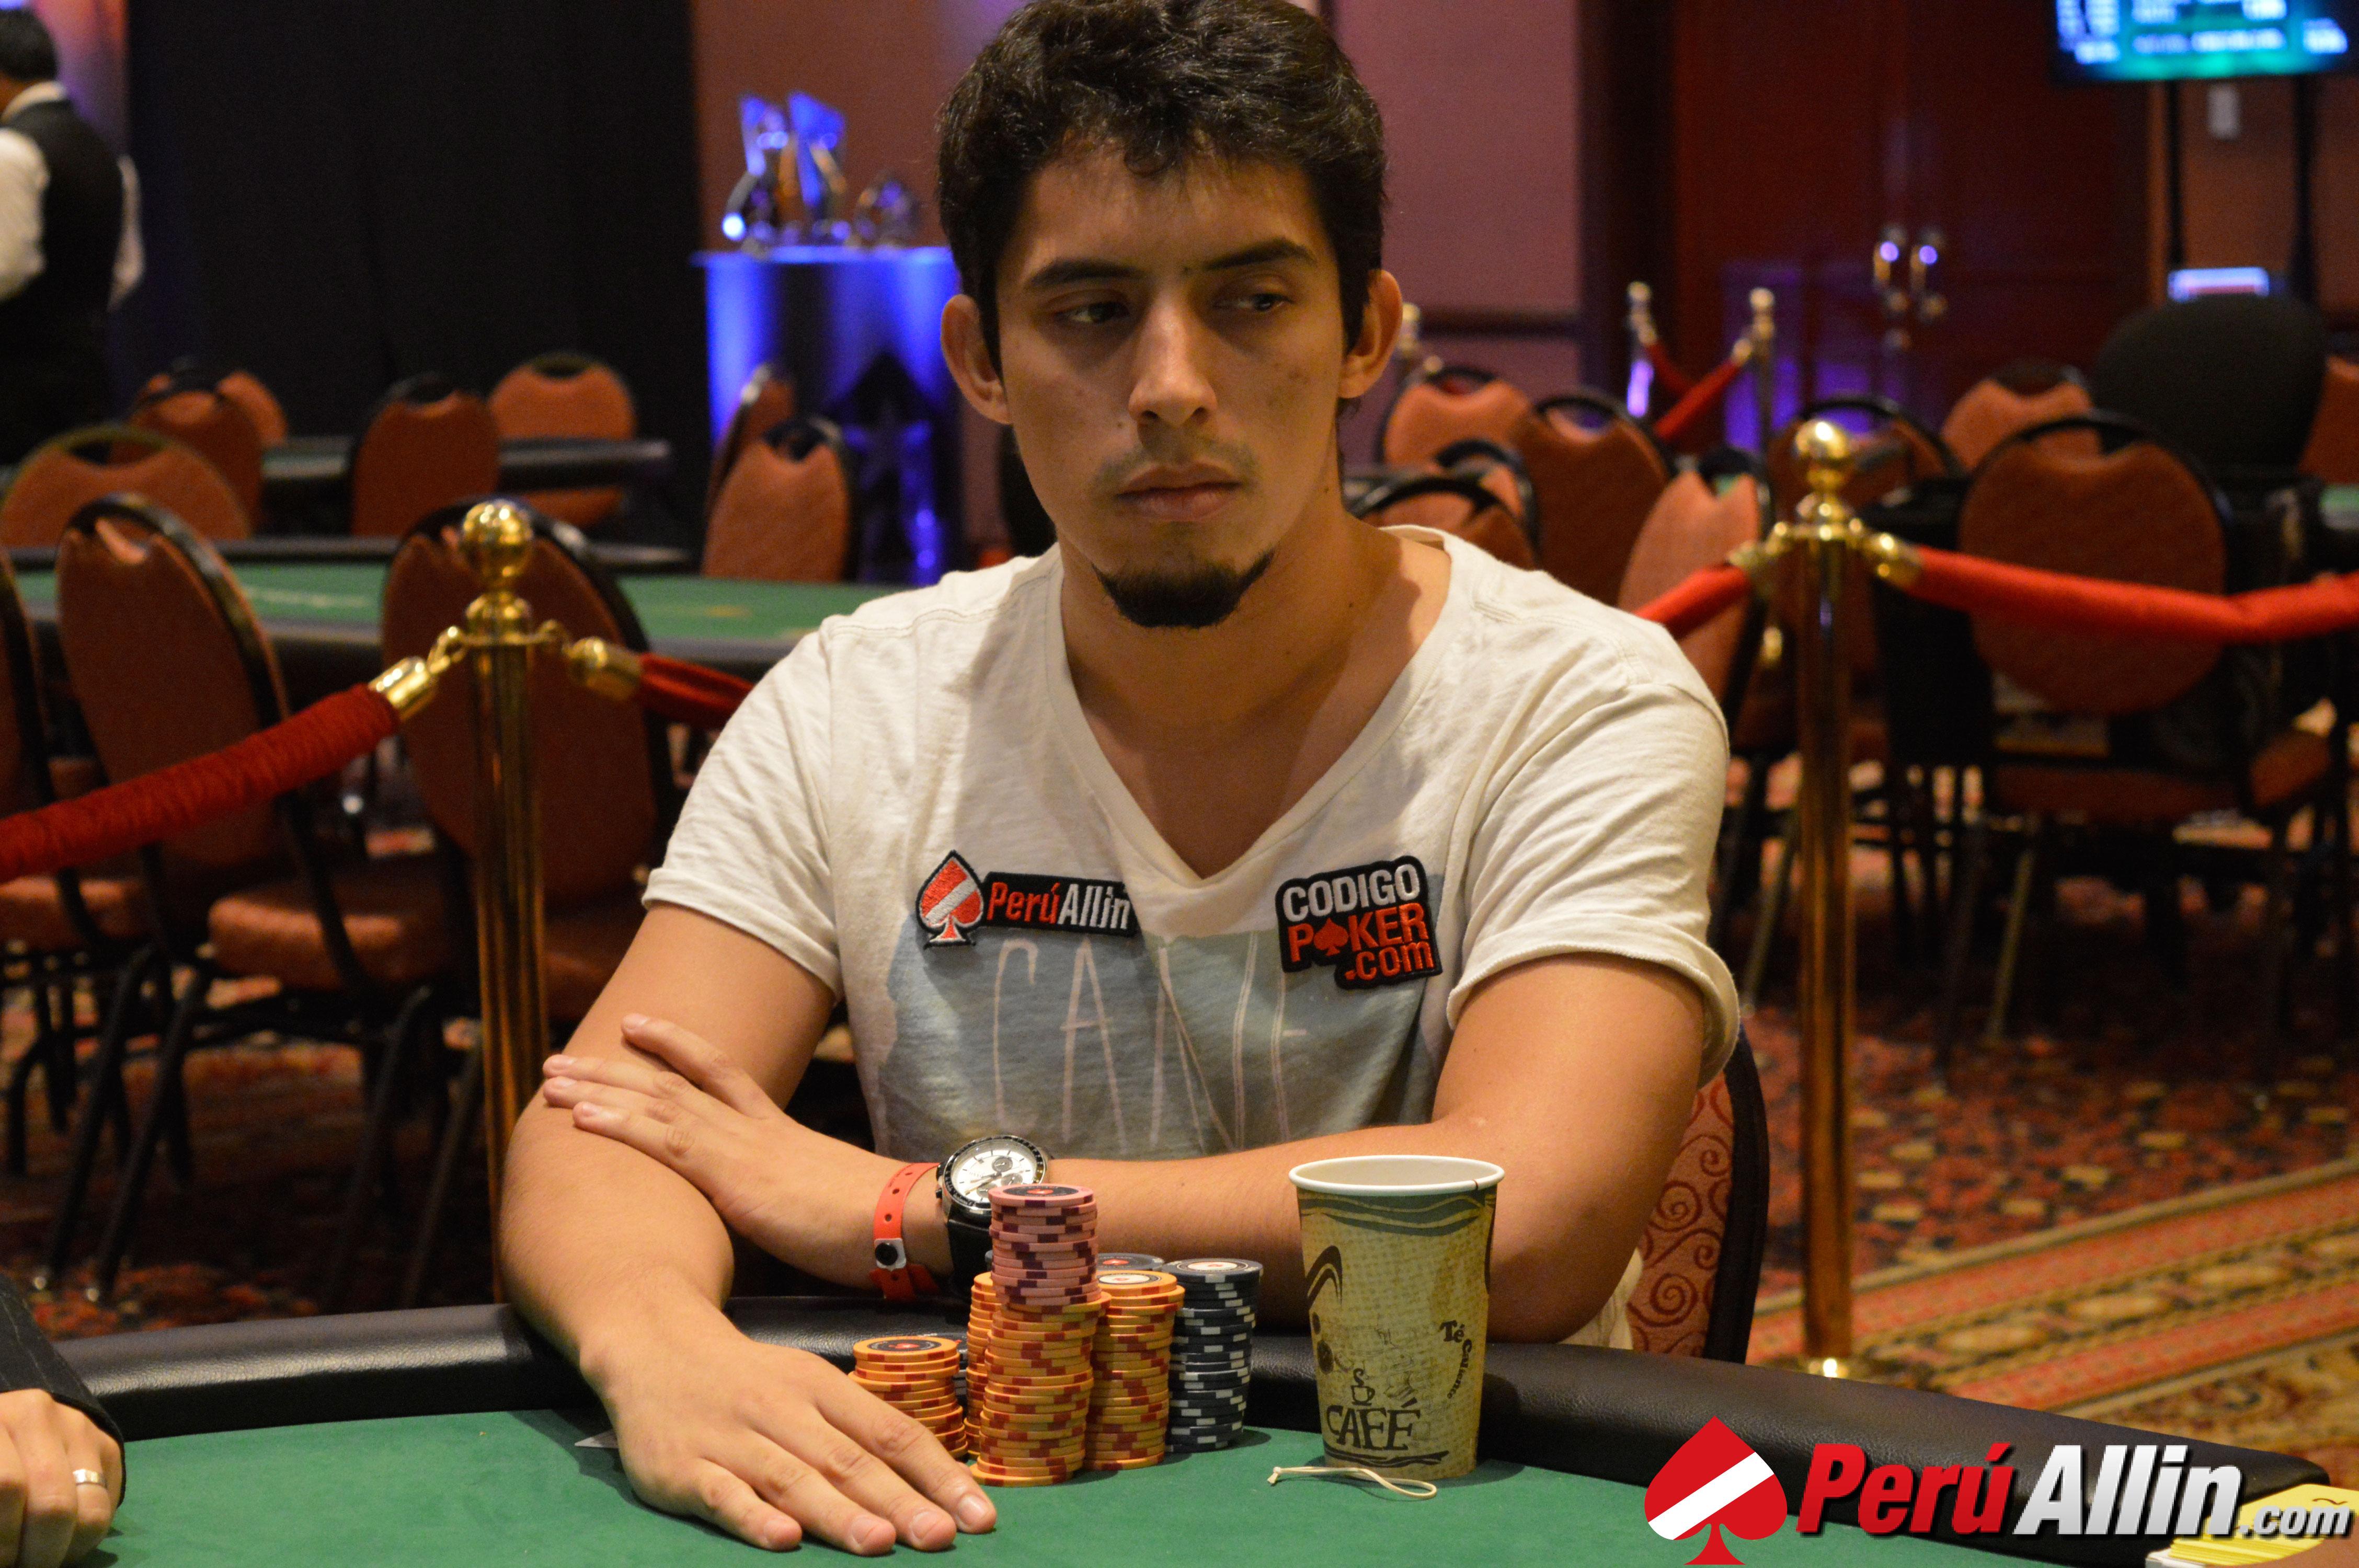 Aprender a jugar poker mejor casa de apuestas - 57254